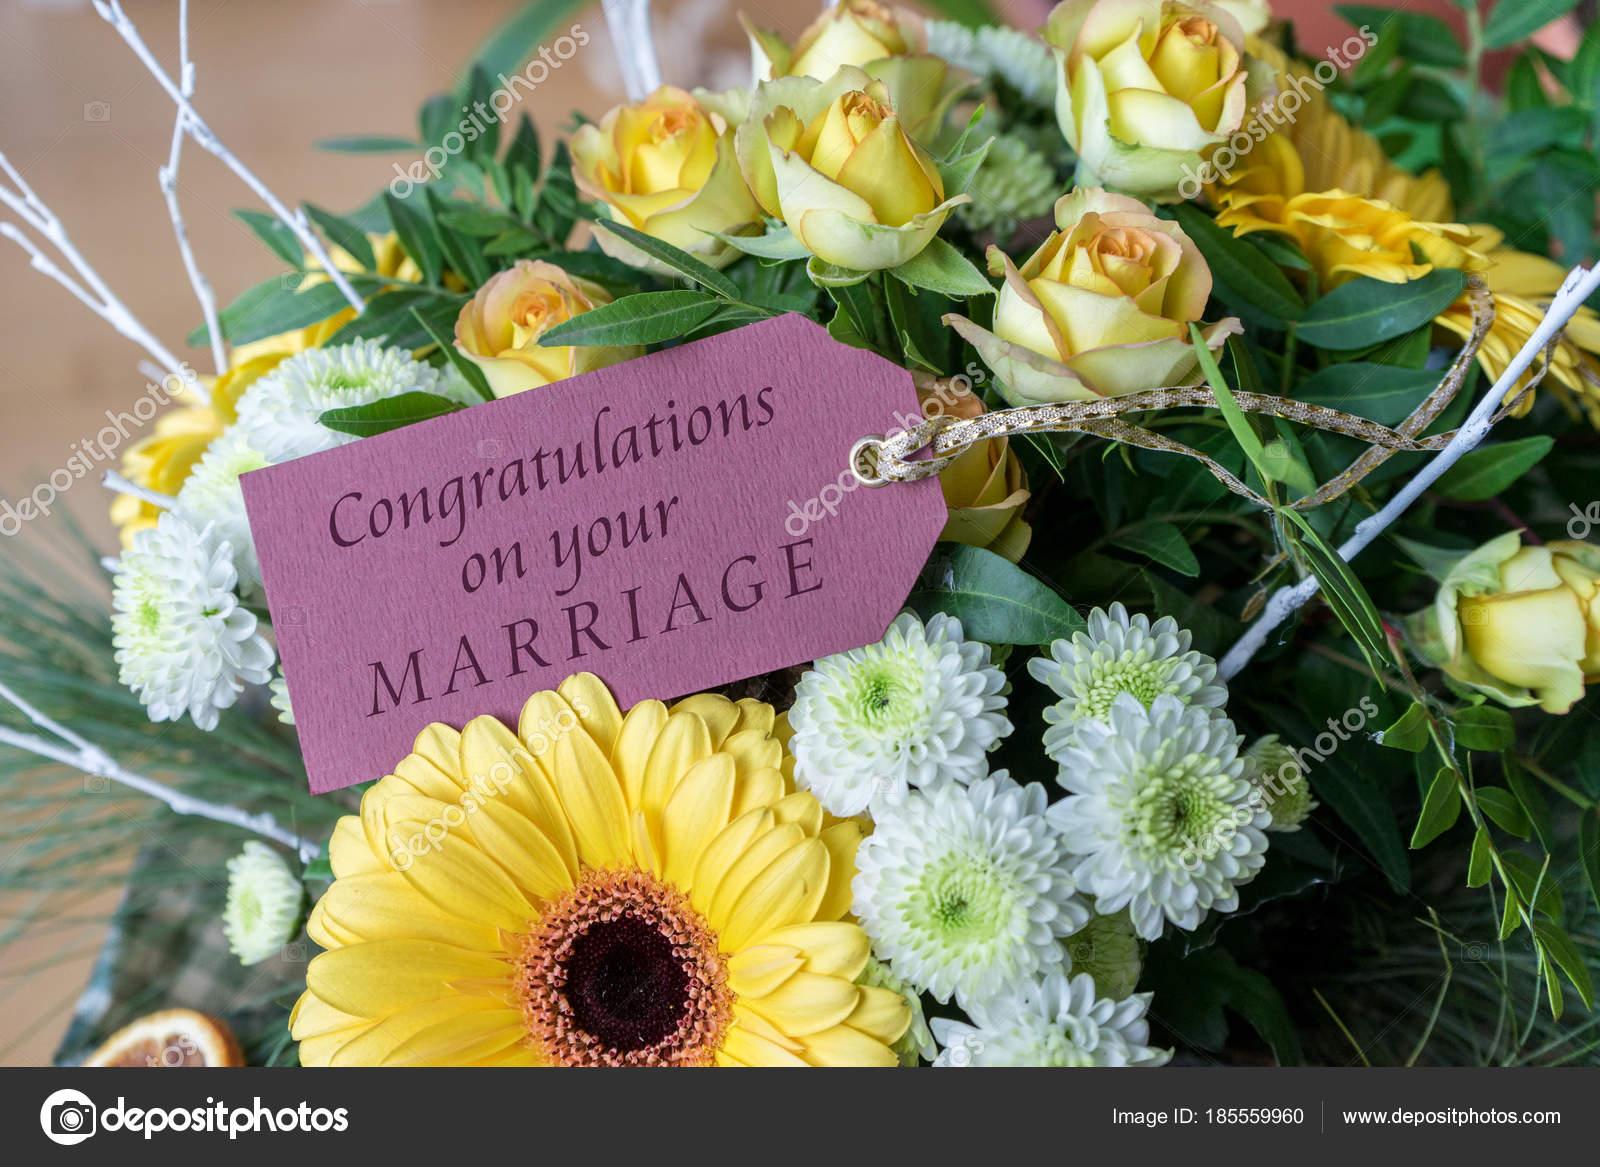 Auguri Per Matrimonio : White medio medium biglietto di auguri per matrimonio celebrate